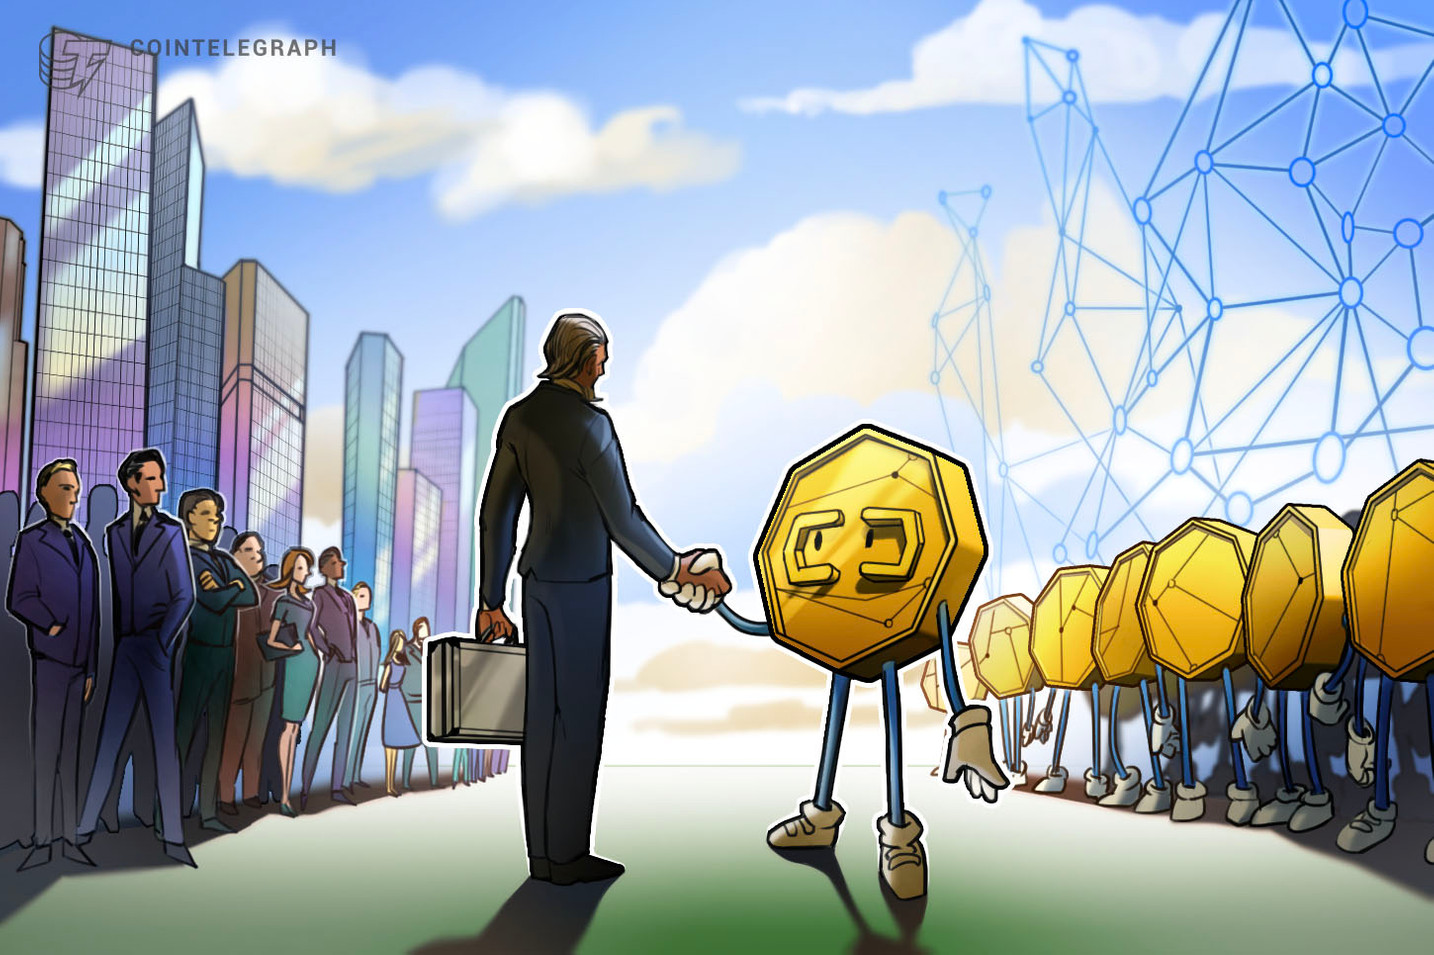 Avnet, compagnia presente su Fortune 500, implementa pagamenti in Bitcoin e Bitcoin Cash